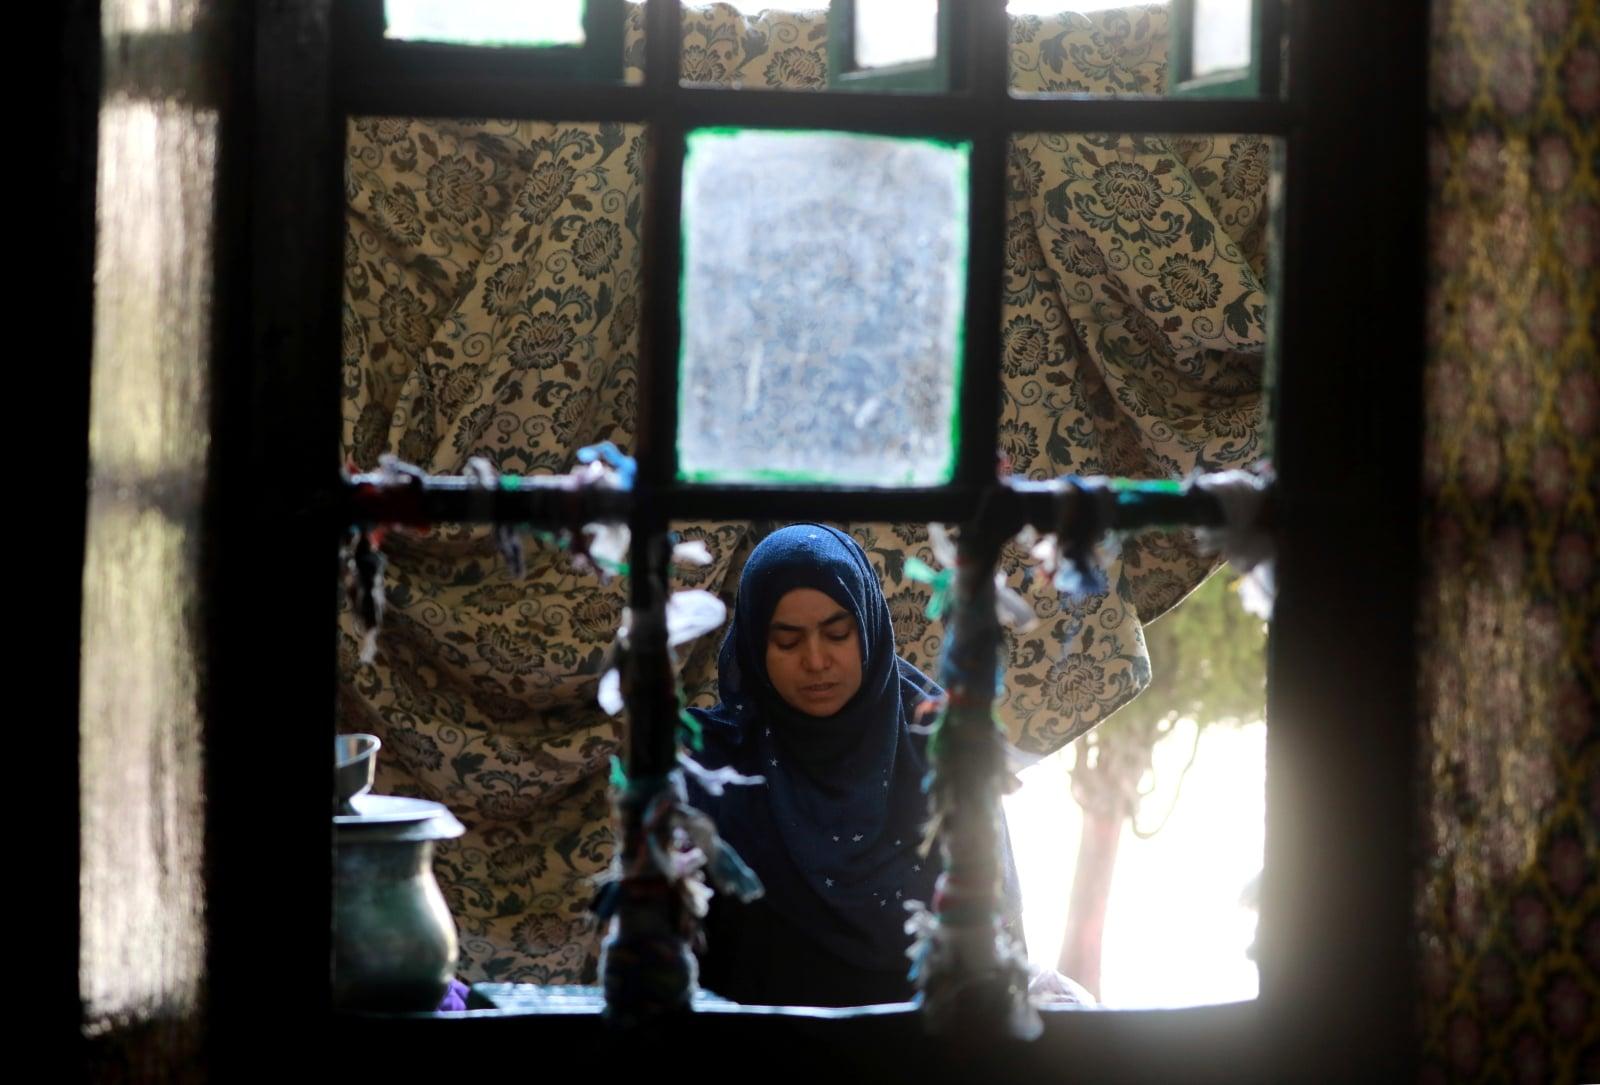 Muzułmanie w Indiach EPA/FAROOQ KHAN